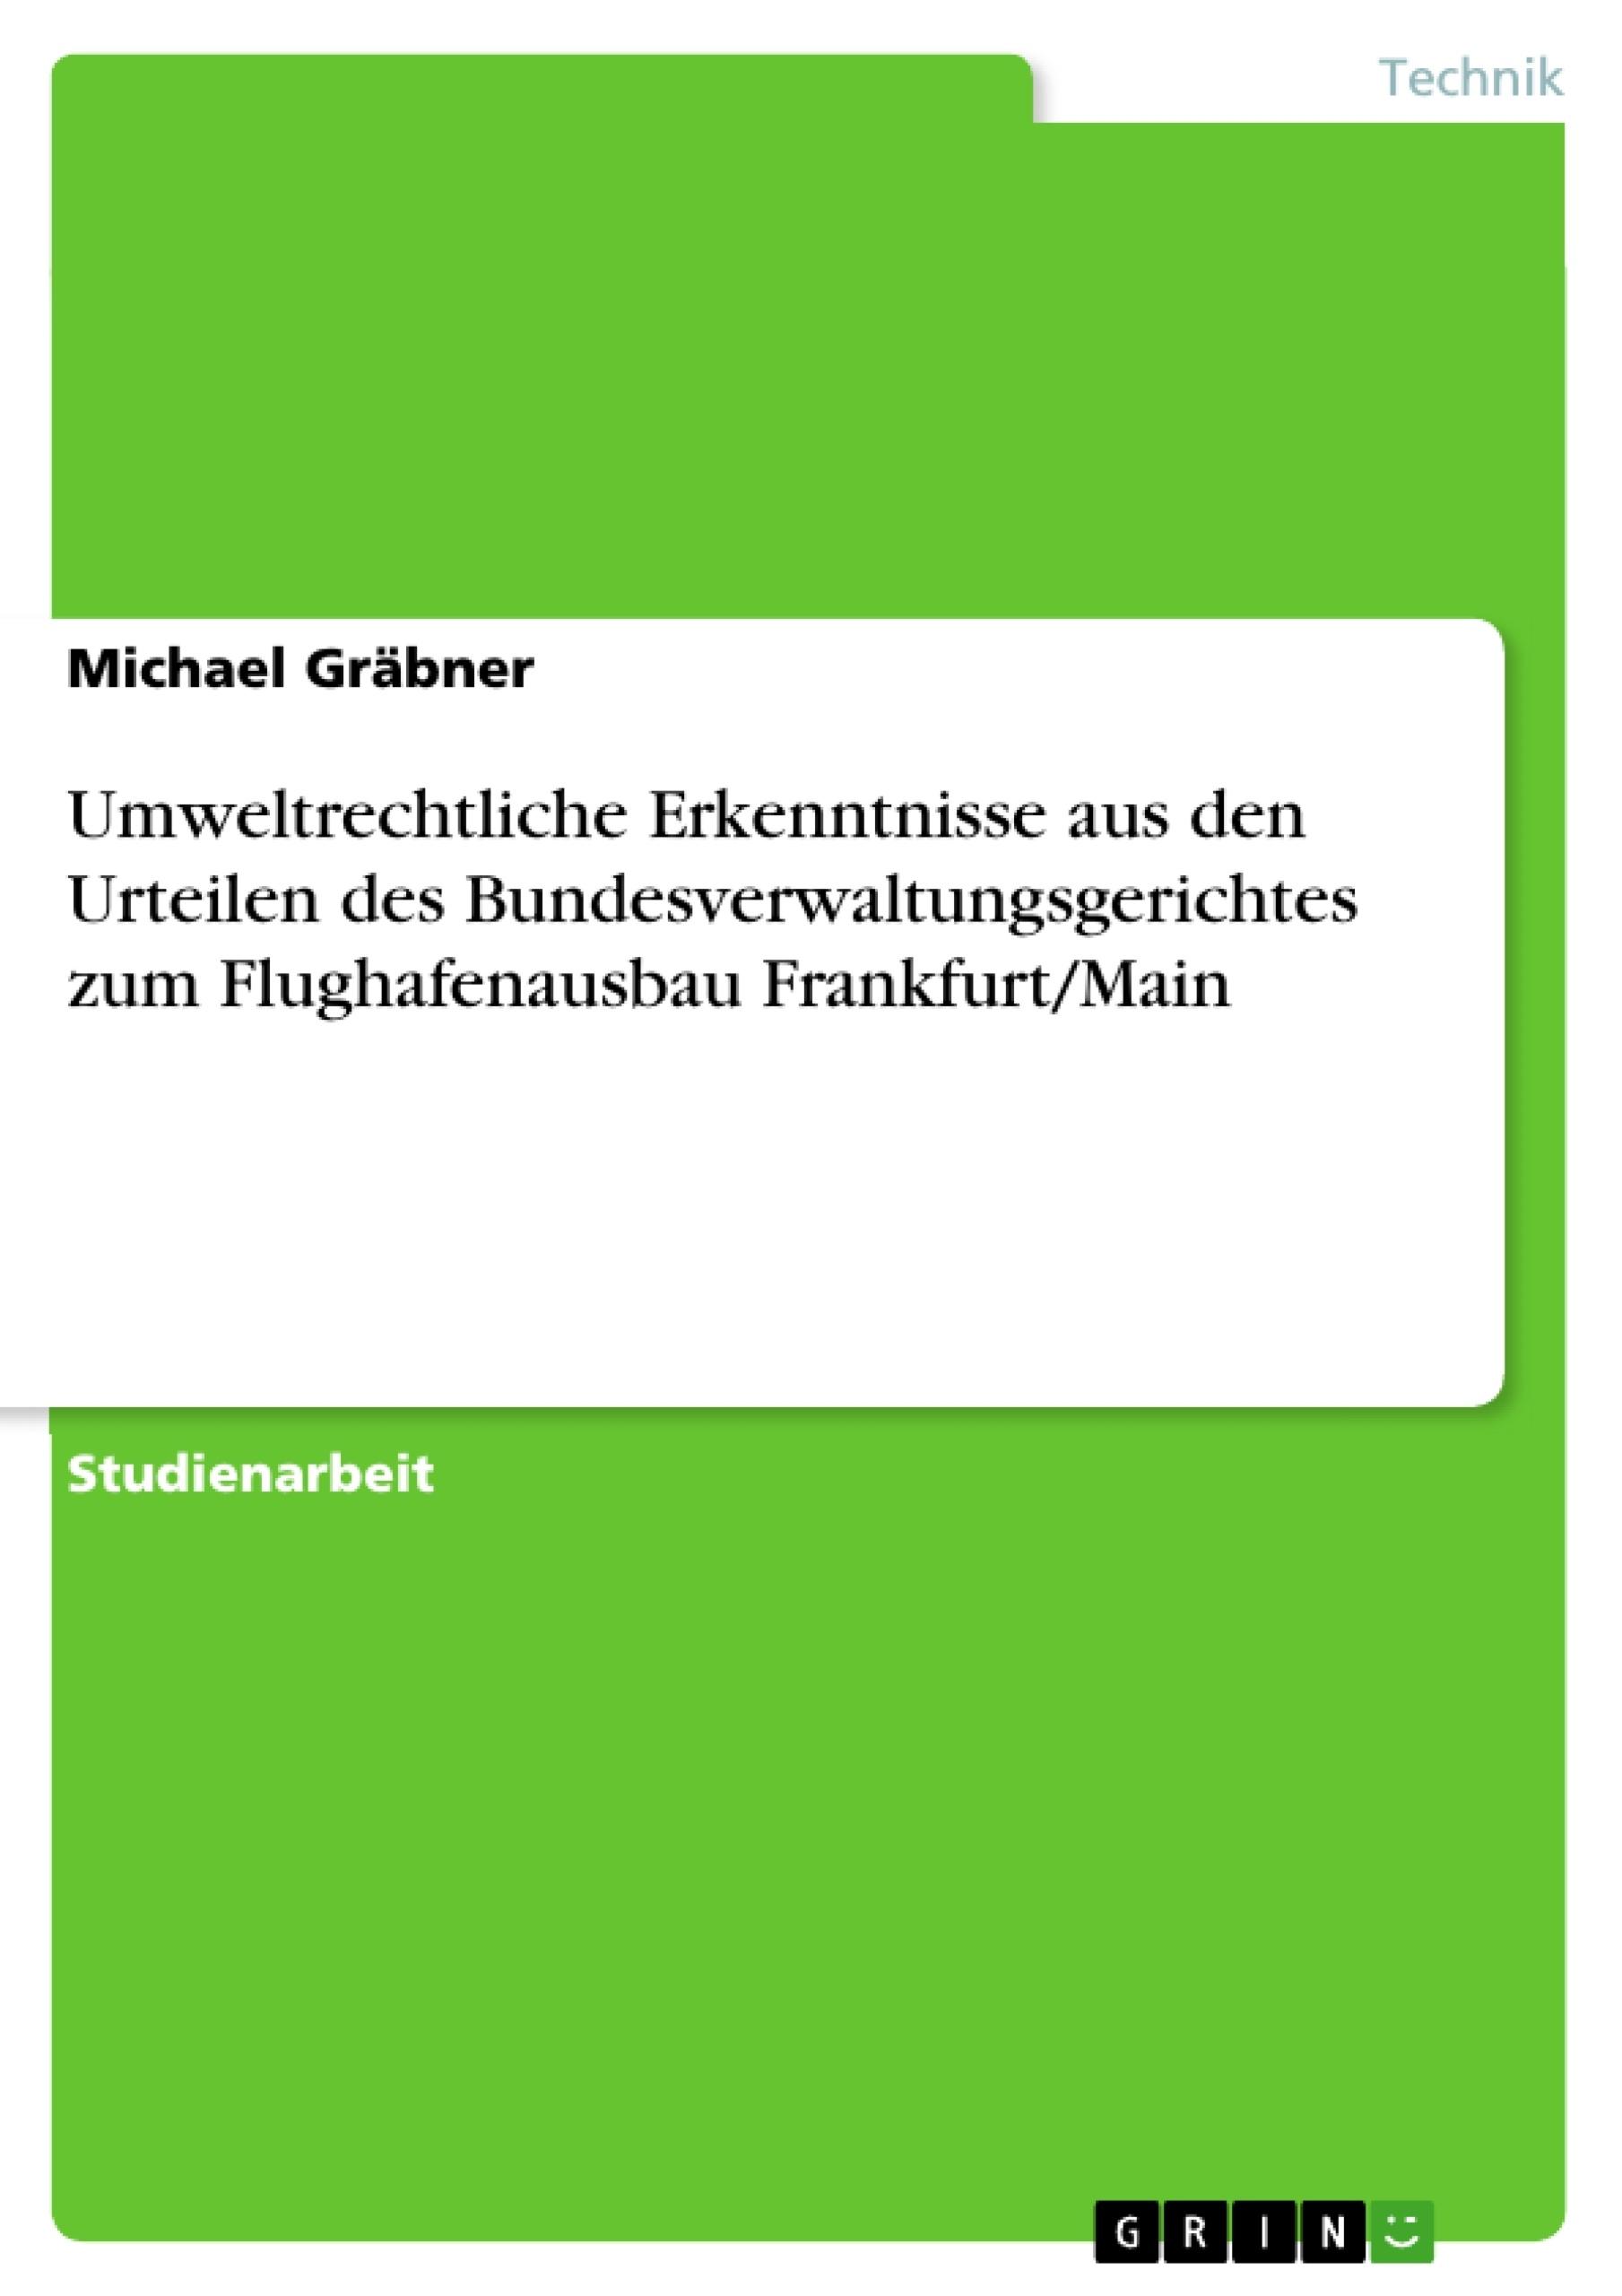 Titel: Umweltrechtliche Erkenntnisse aus den Urteilen des Bundesverwaltungsgerichtes zum Flughafenausbau Frankfurt/Main